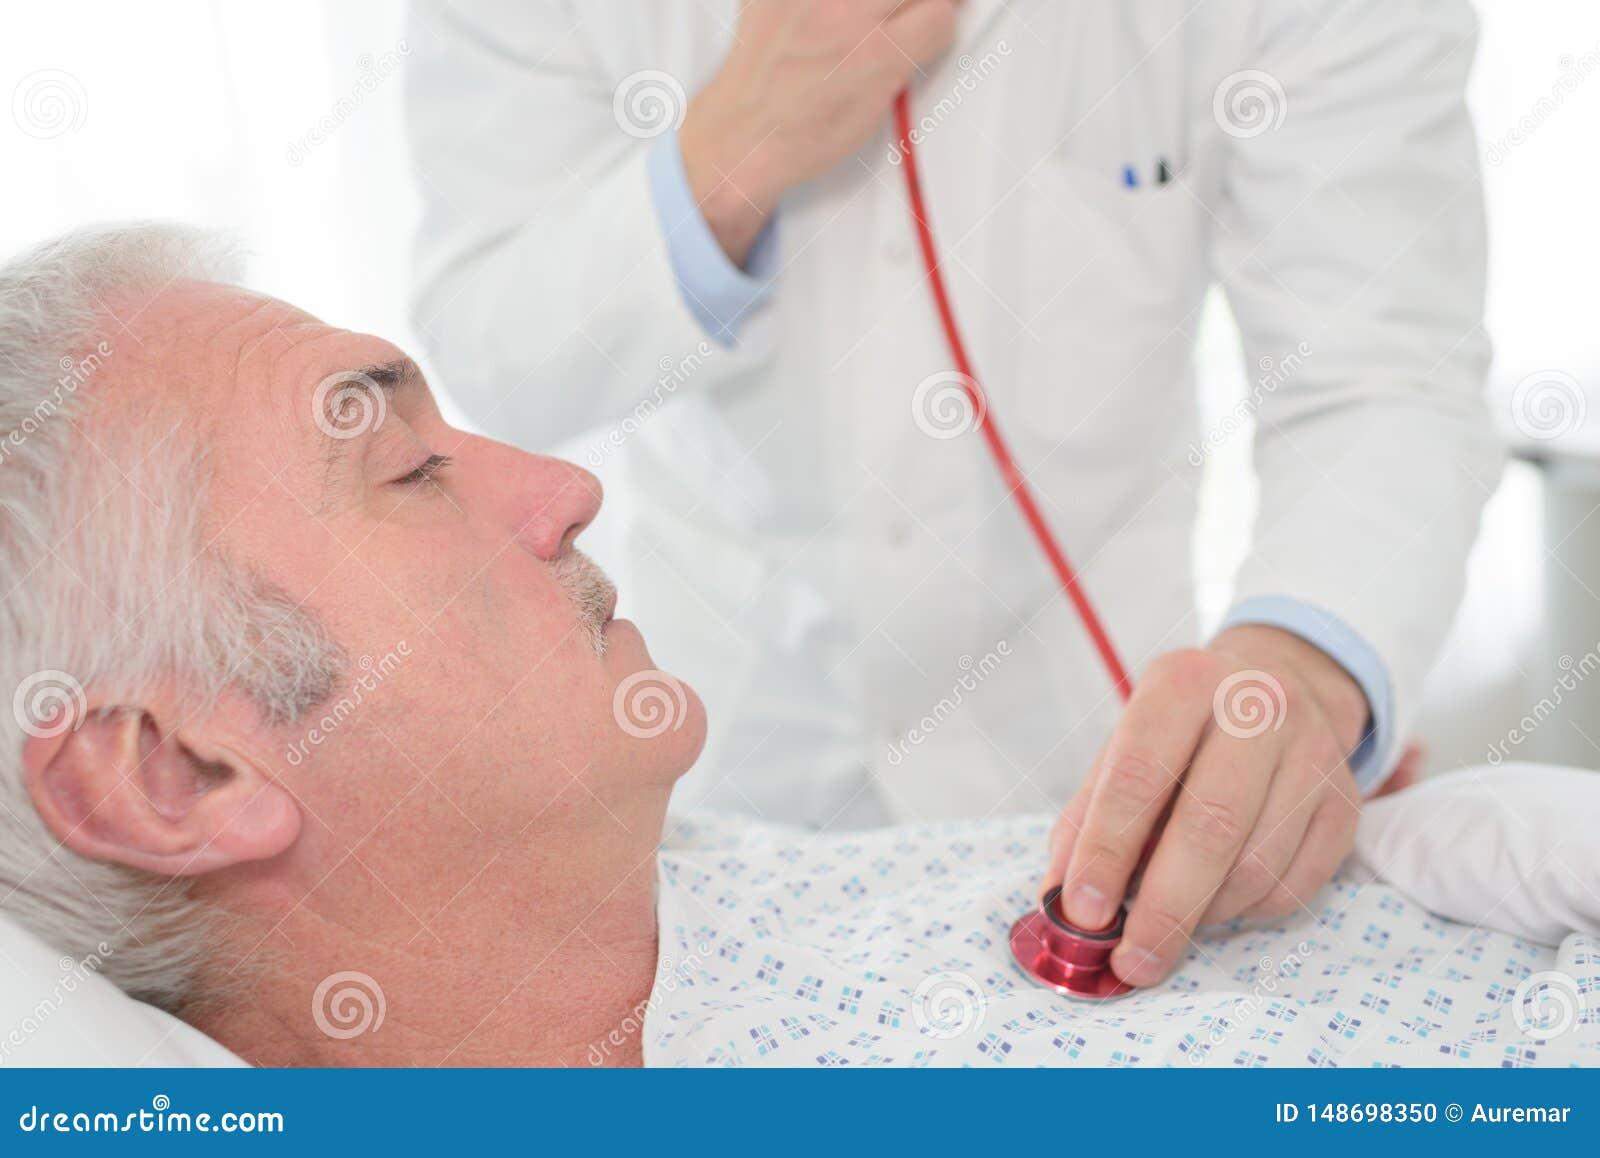 Prova con il metro di pressione sanguigna